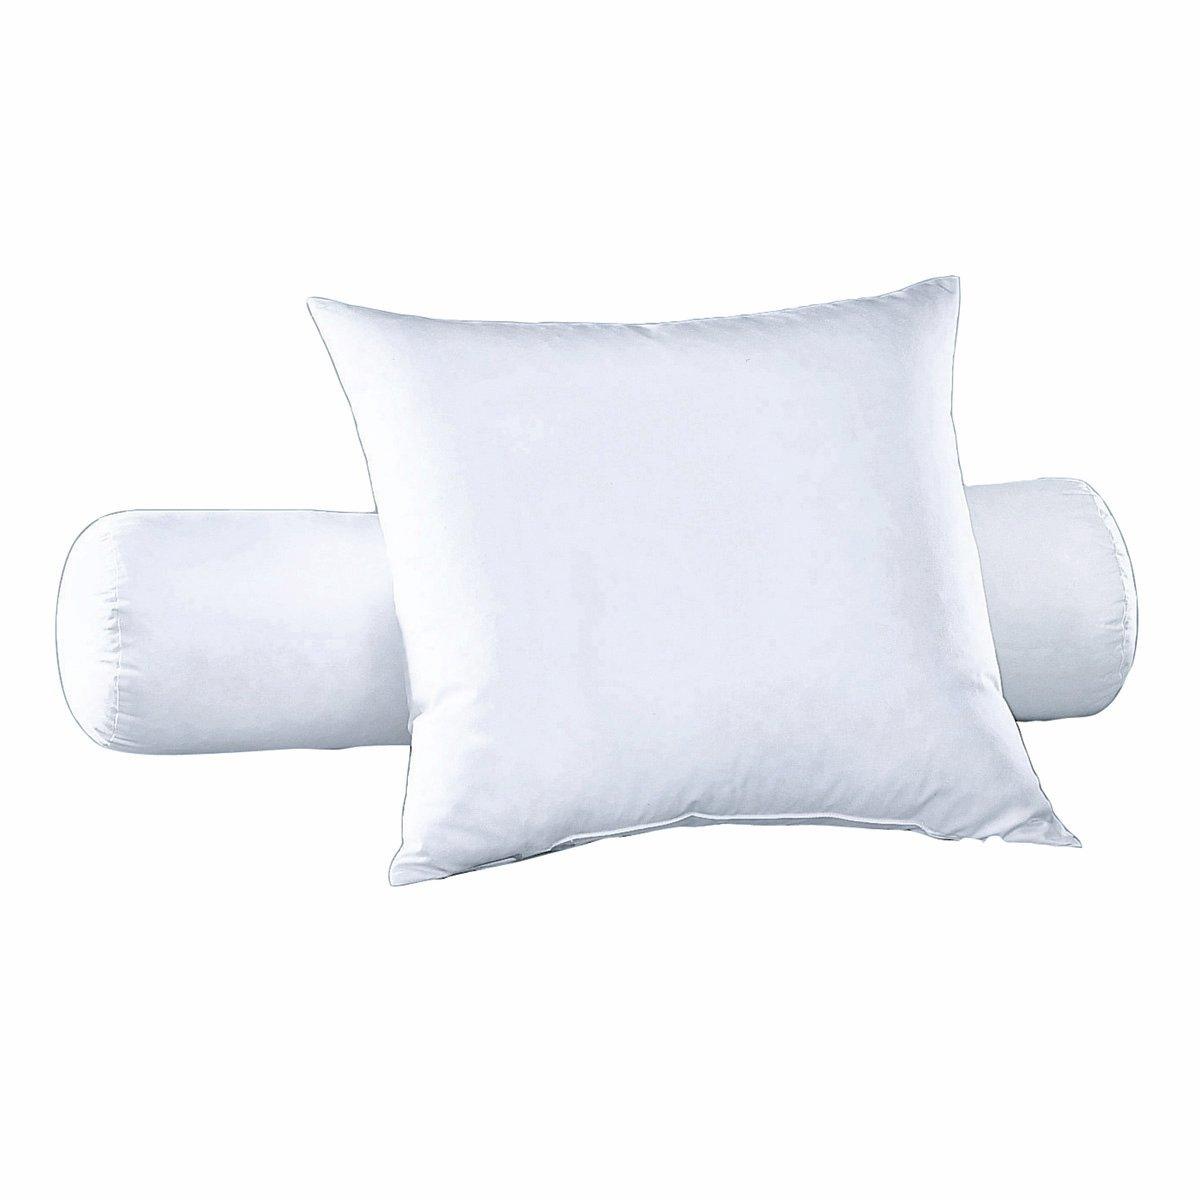 Валик с обработкойУдобная упругая подушка-валик, сохраняющая свои свойства долгое время   . Обработка Proneem (защита от клещей на 100 % на основе биоразлагаемых натуральных компонентов  .HOLLOFIL® ECO, Первое полиэстеровое волокно, отвечающее требованиям ECO LABEL EUROP?EN (организации, продвигающей использование наименее вредных для окружающей среды продуктов)   : . Этот наполнитель обеспечивает отличную поддержку и долговечен в использовании .             Чехол 50% хлопка, 50 % полиэстера  .             Машинная стирка при 40 °С.Биоцидная обработка                            Длина в см .<br><br>Цвет: белый<br>Размер: длина: 90 см.длина: 140 cm.длина: 160 см